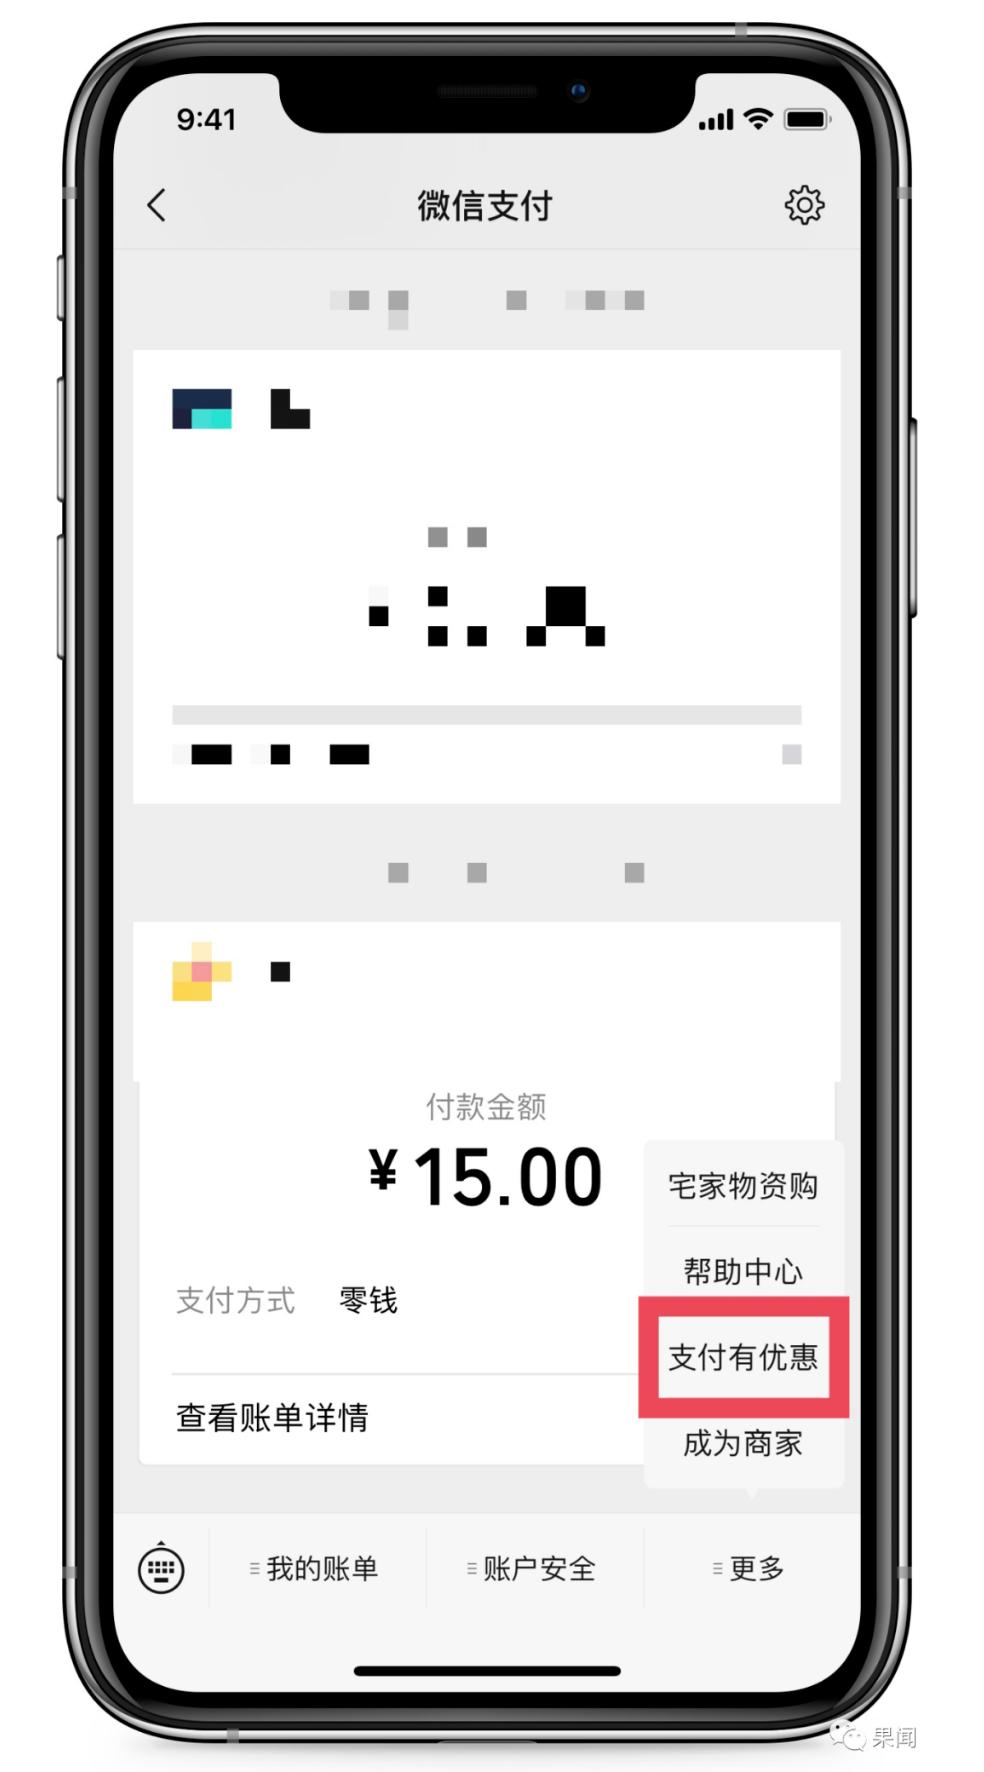 2020年微信免费提现 微信免手续费提现零钱技巧 liuliushe.net六六社 第2张